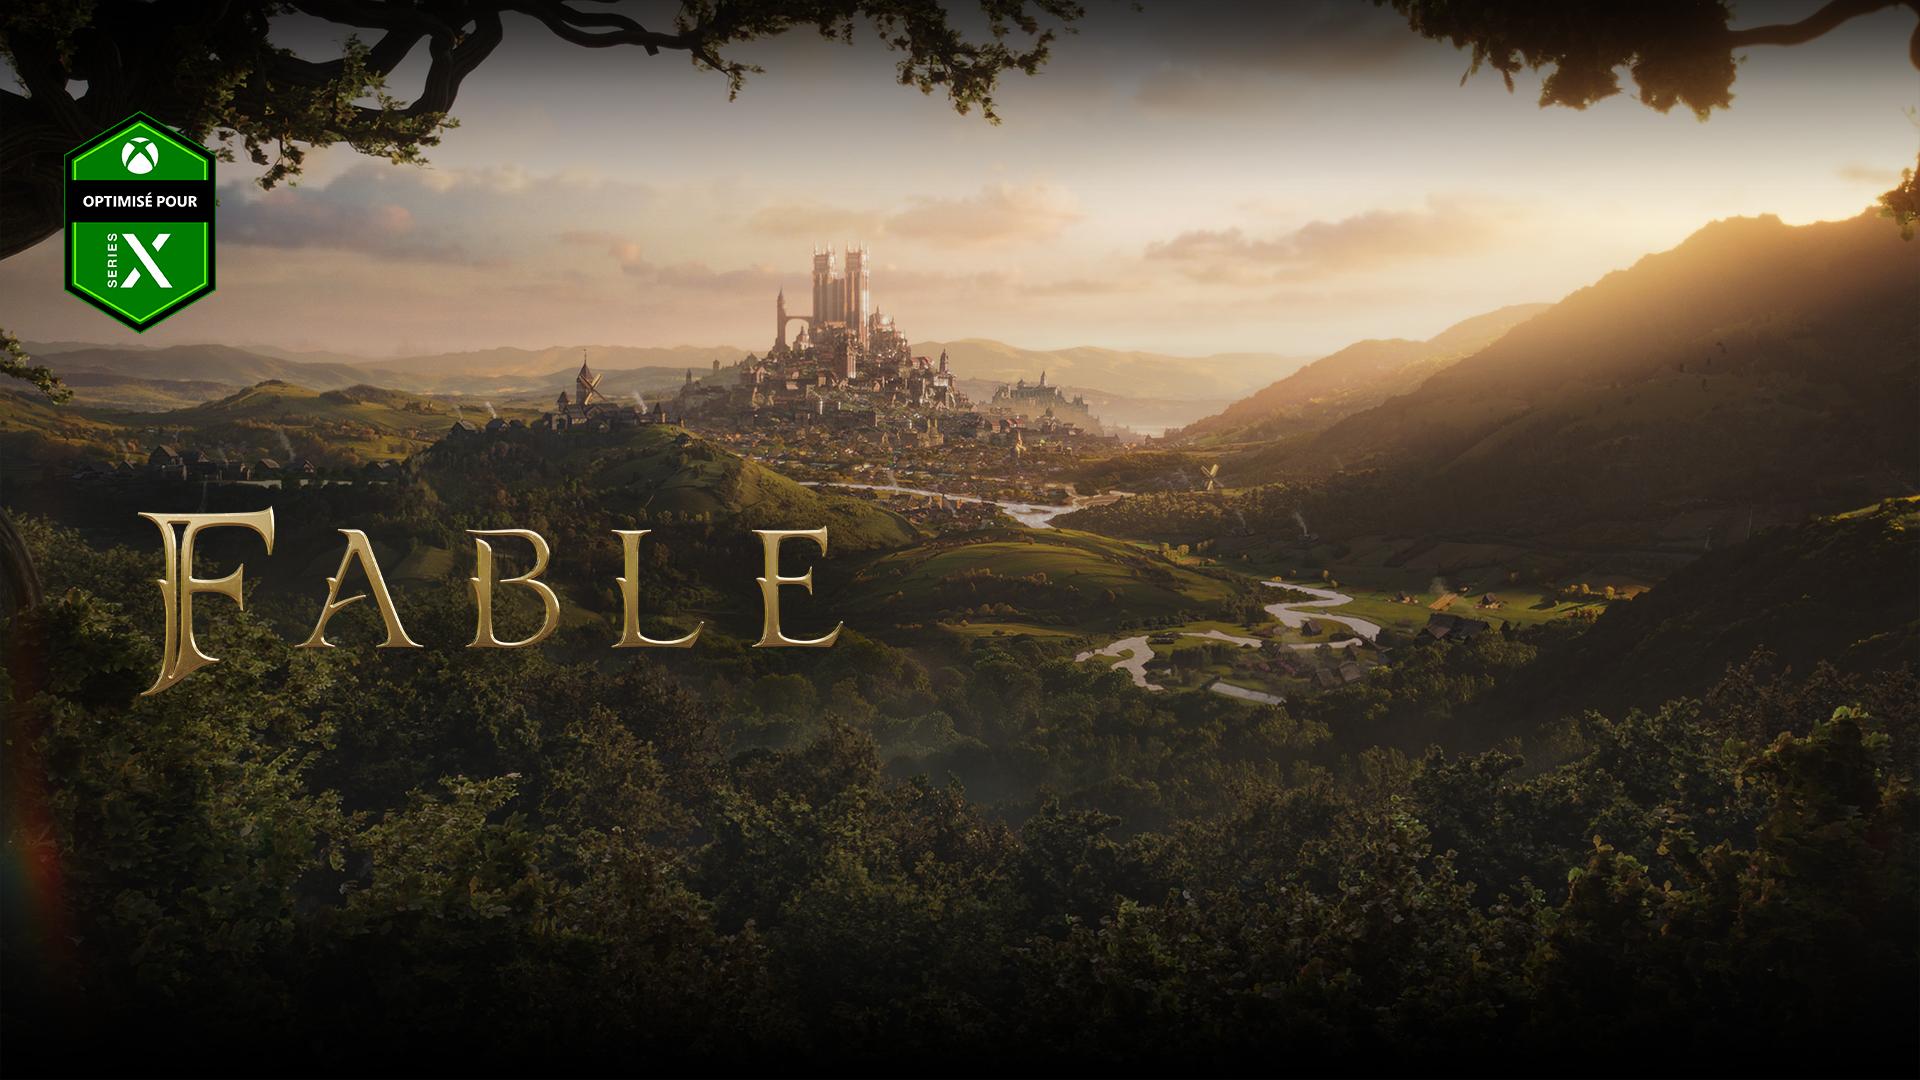 Logo Optimisé pour Xbox Series X - Dans Fable, une ville au milieu d'une forêt et de vallées